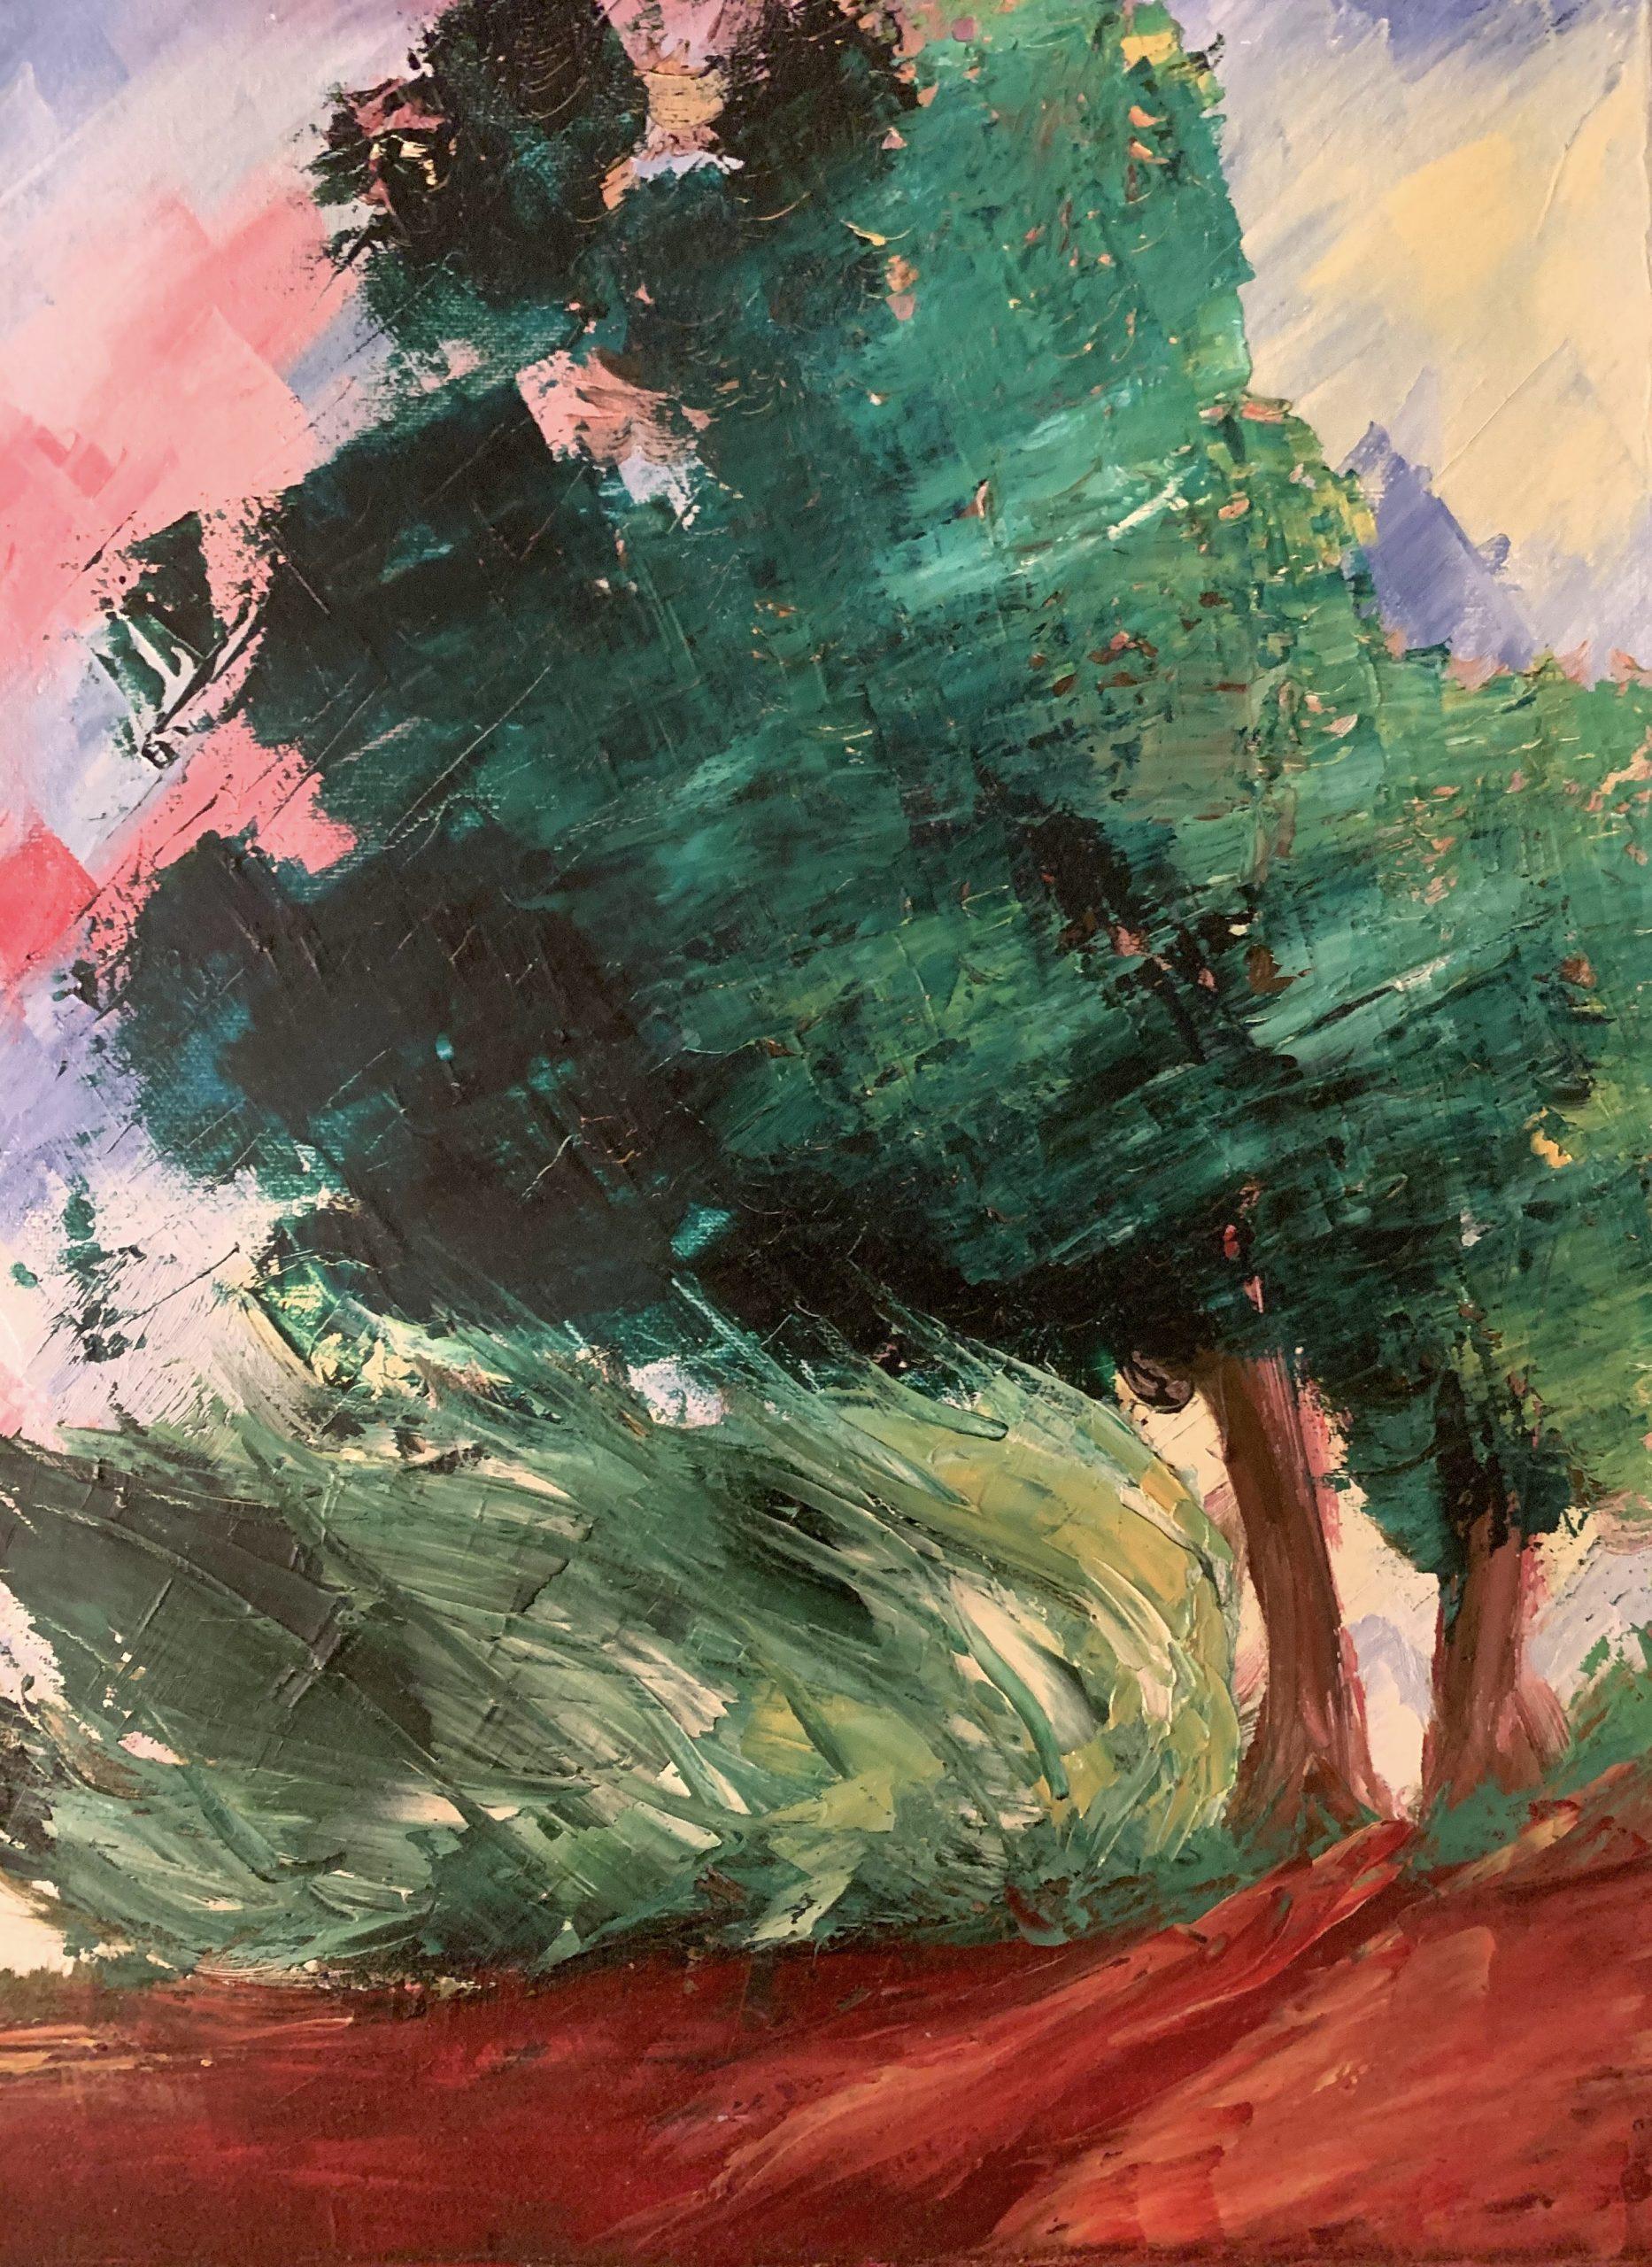 Huile sur toile - LiliFlore, artiste peintre